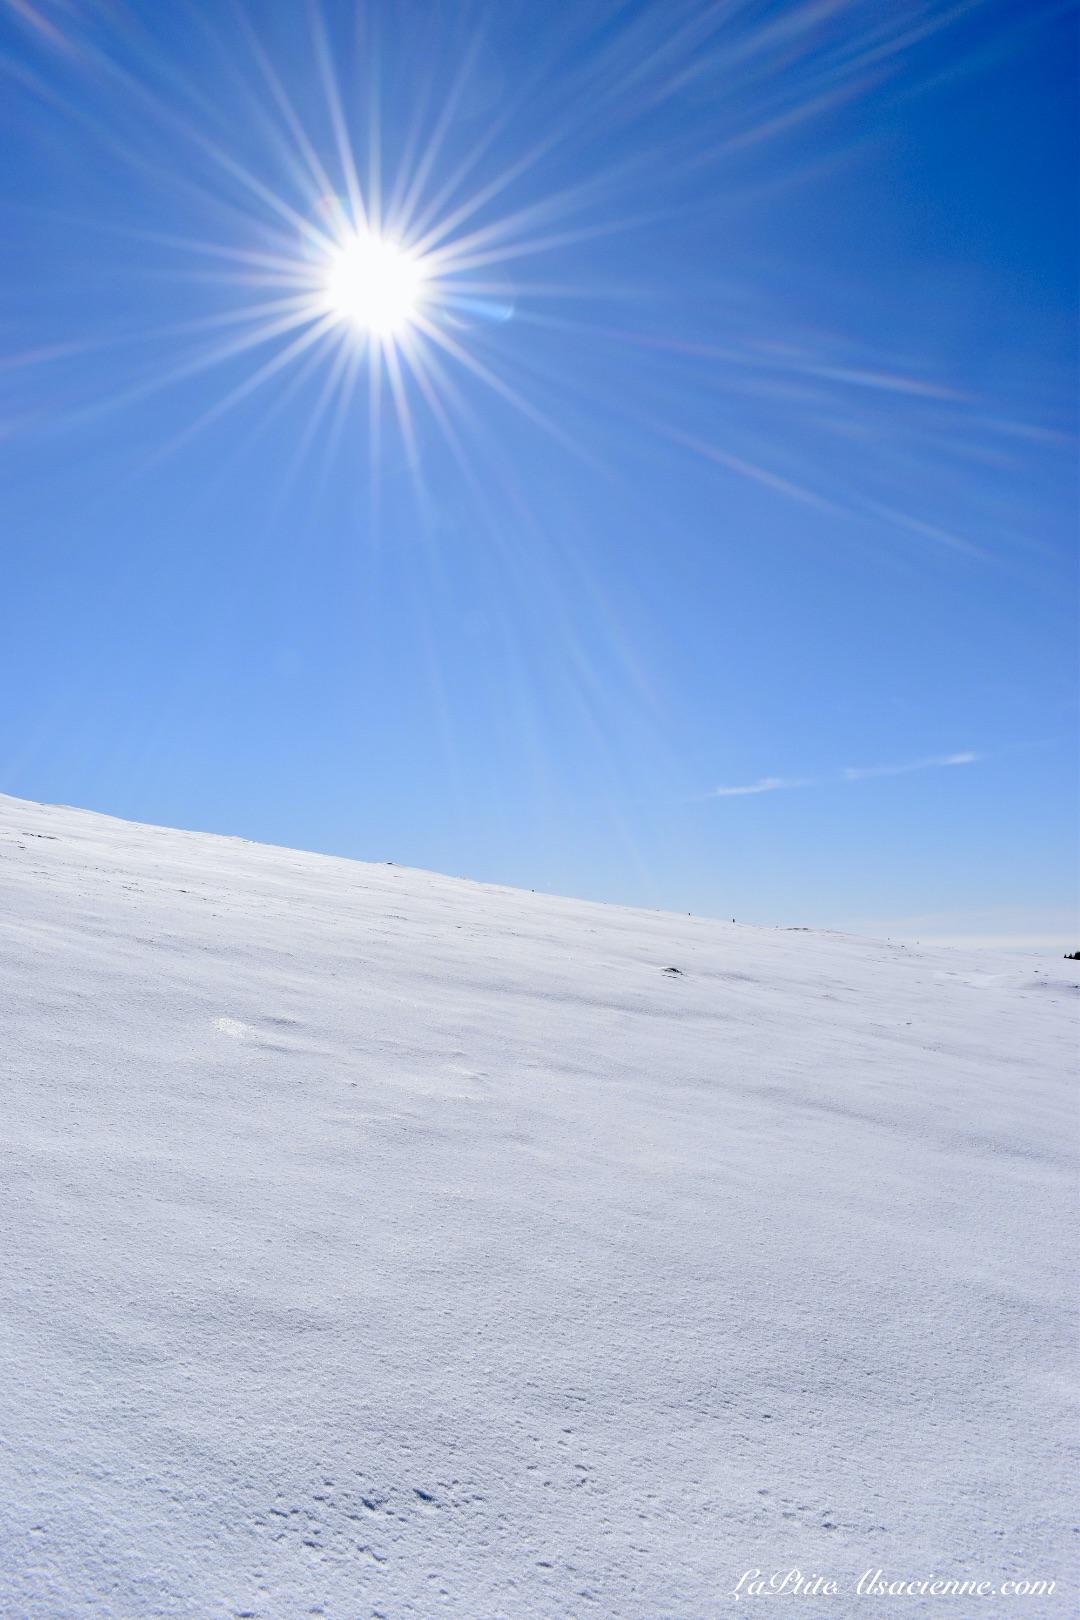 desert de neige et grand soleil